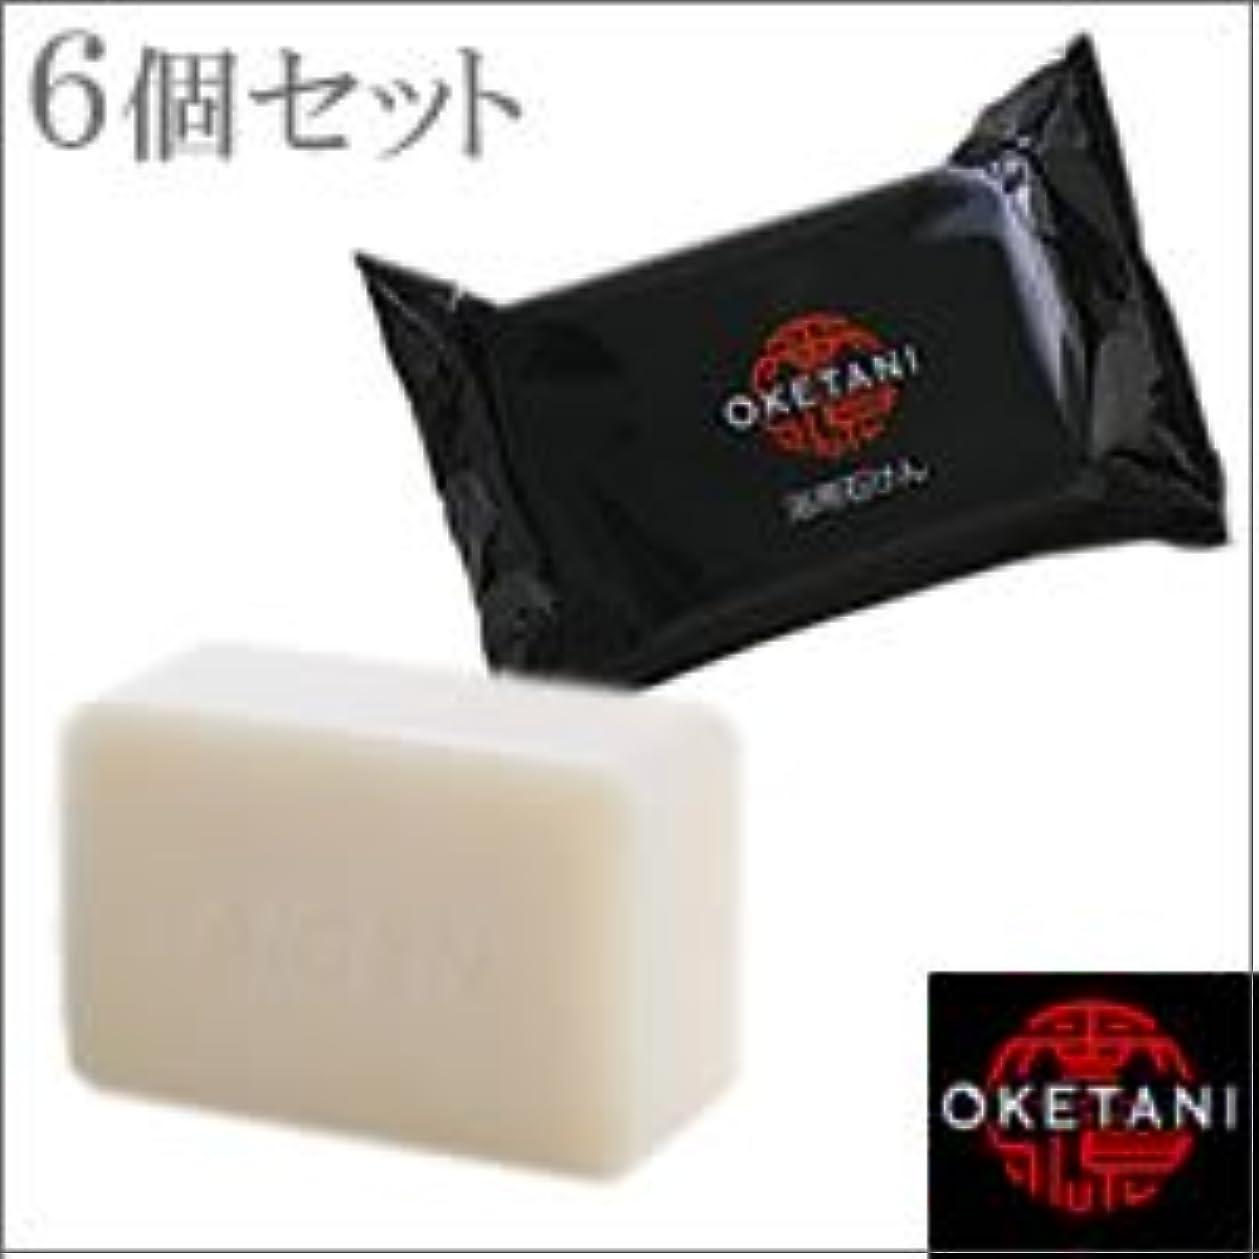 告白放出つかの間item_name:桶谷石鹸 アイゲン 浴用石けん 120g×6個